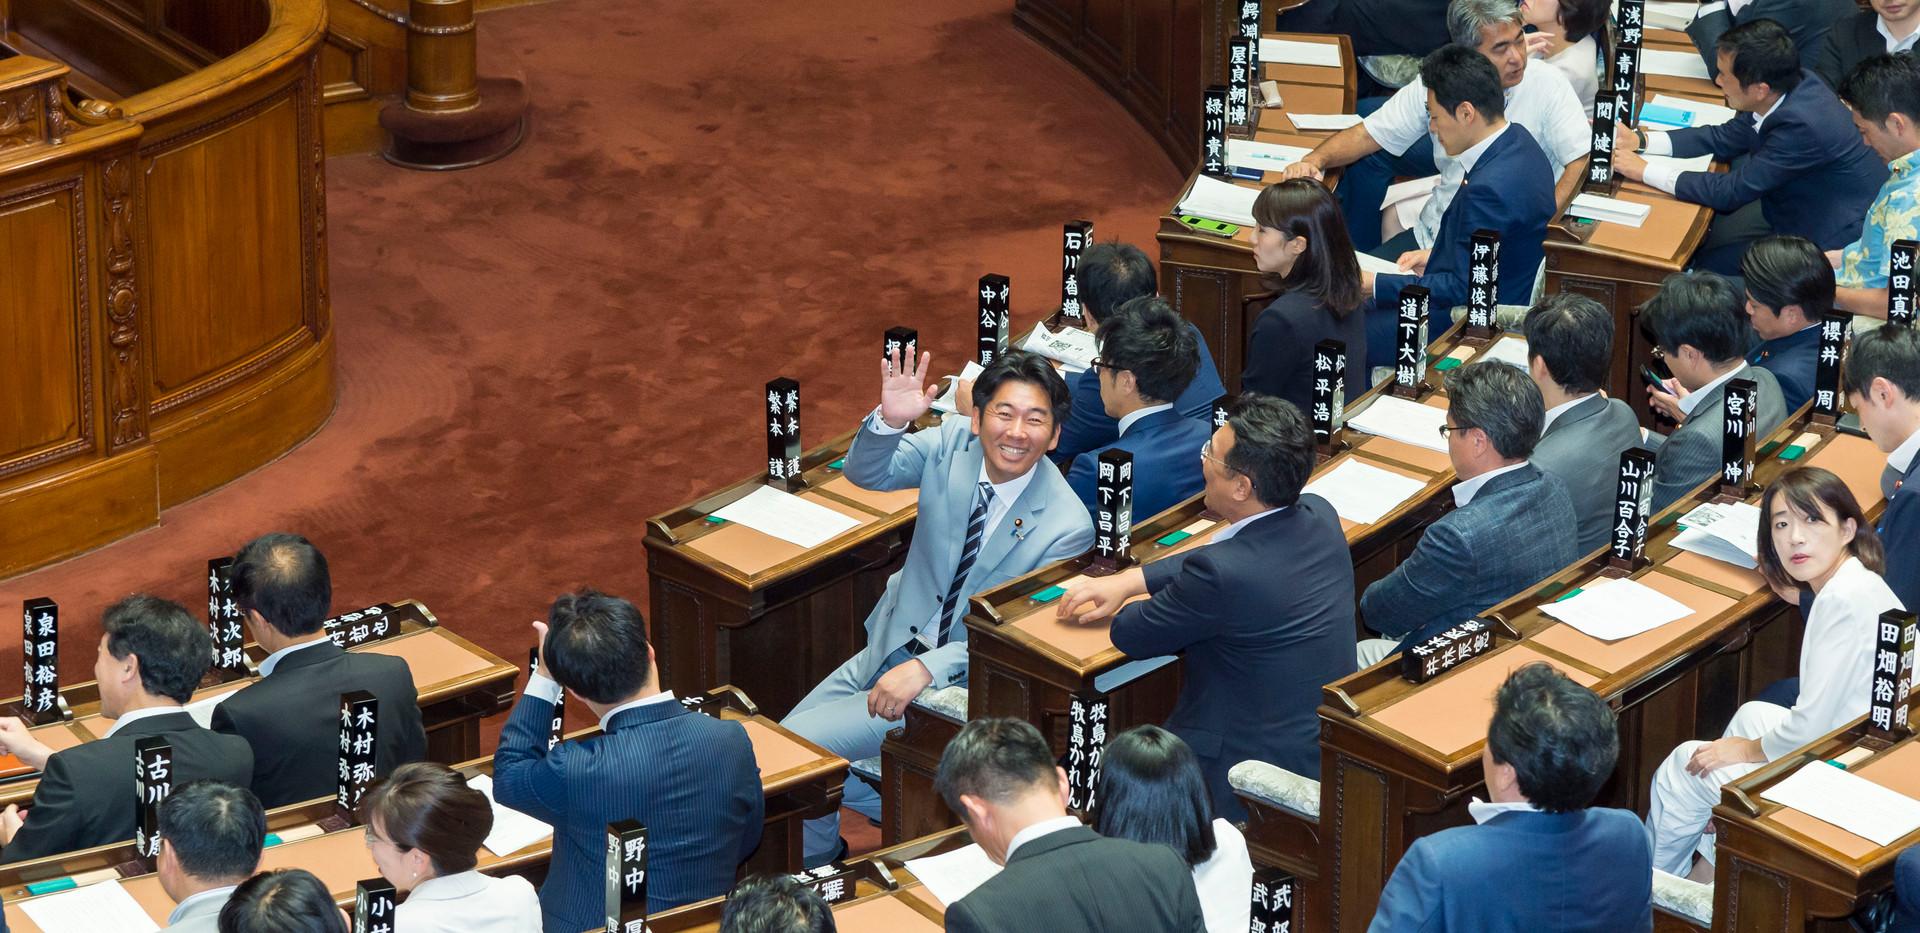 3衆議院本会議場.jpg